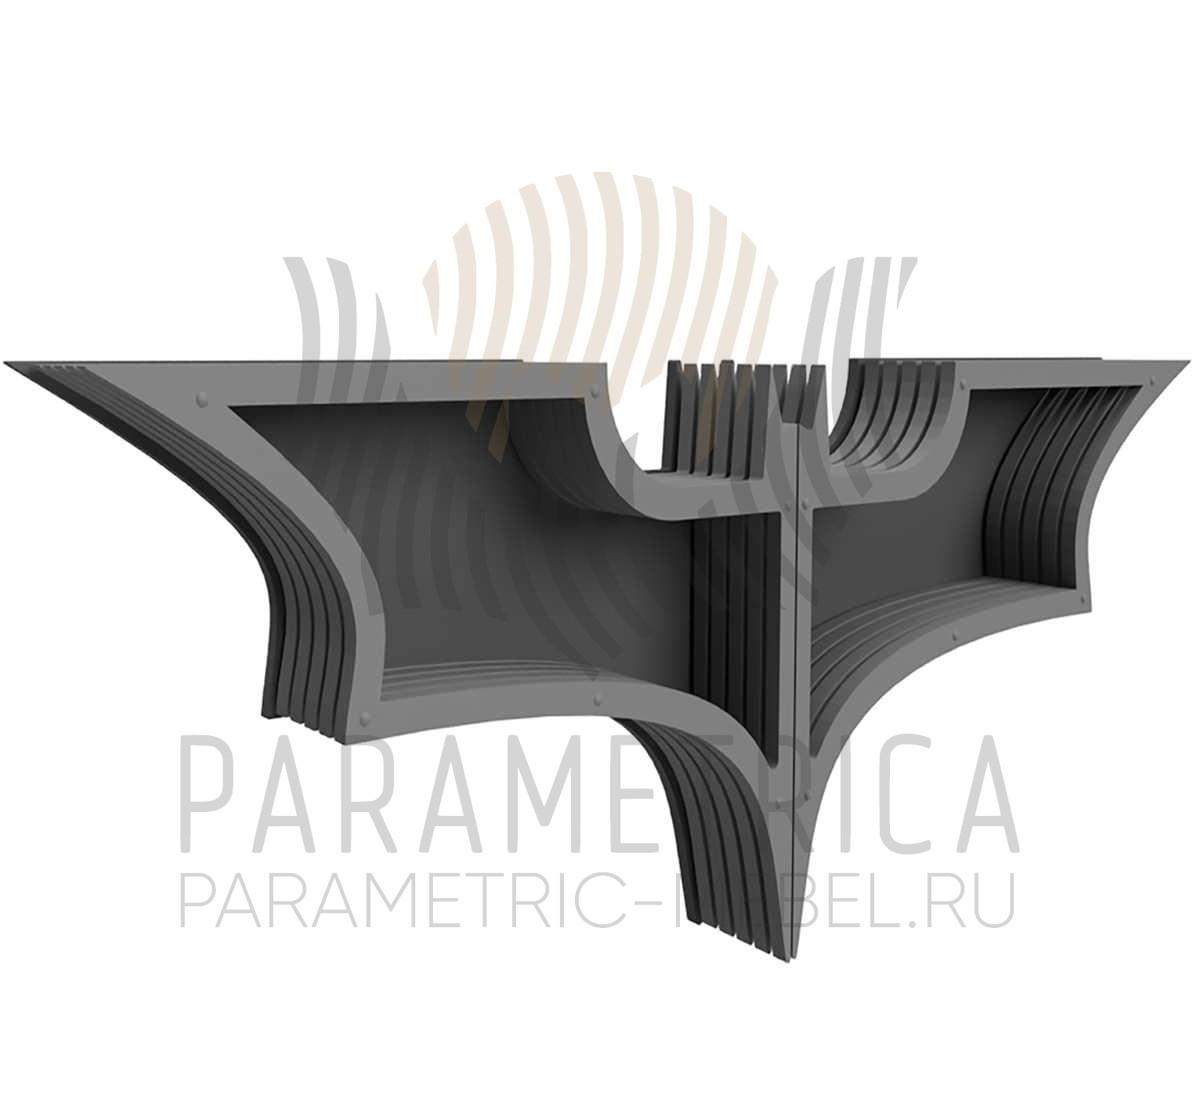 Parametric-mebel.